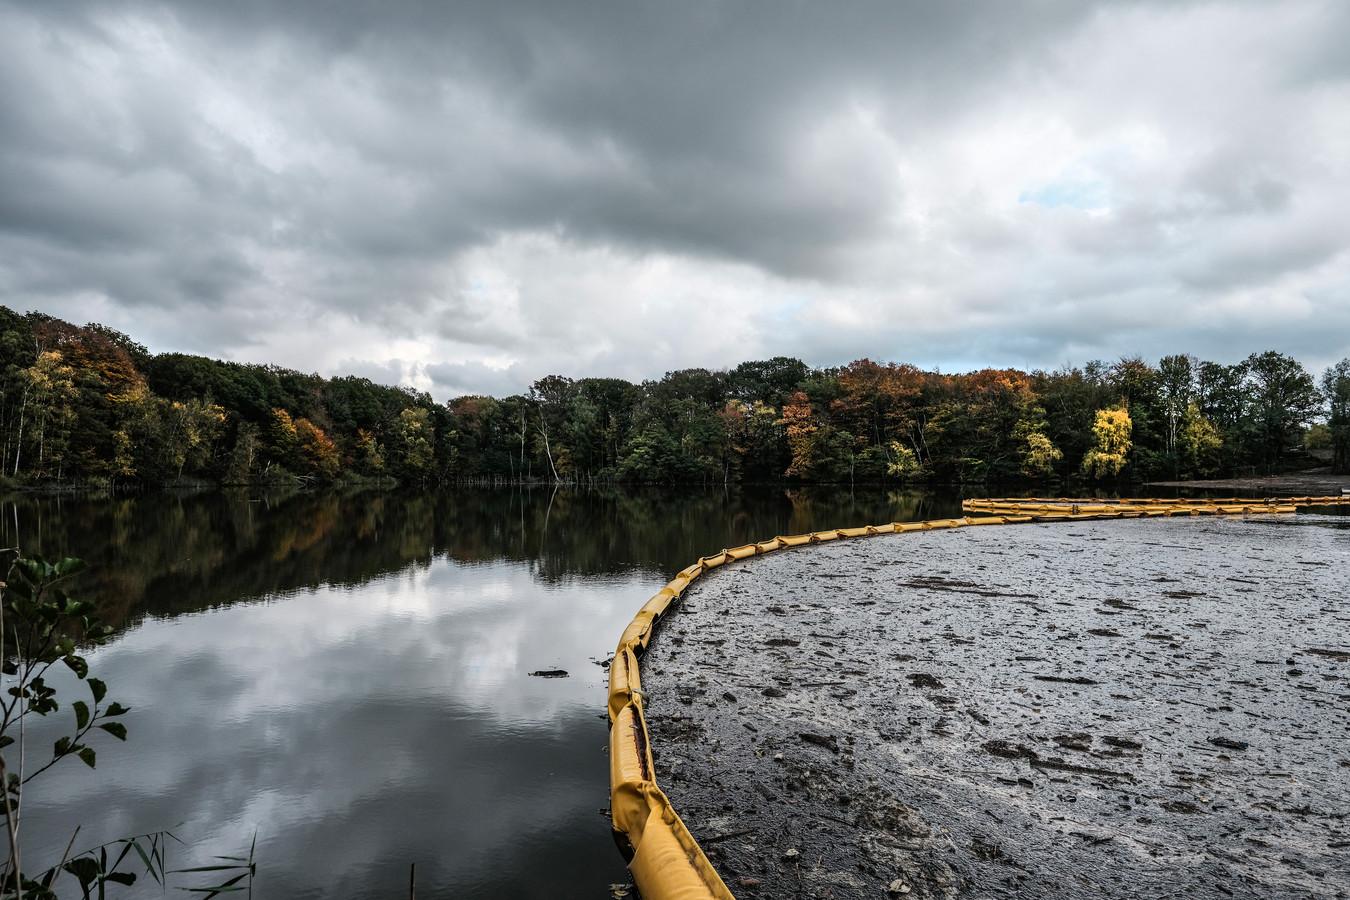 Het drijvende afval uit de stortingen in de kleiput hoopt zich op tegen een gele drijfband. Jan van den Brink